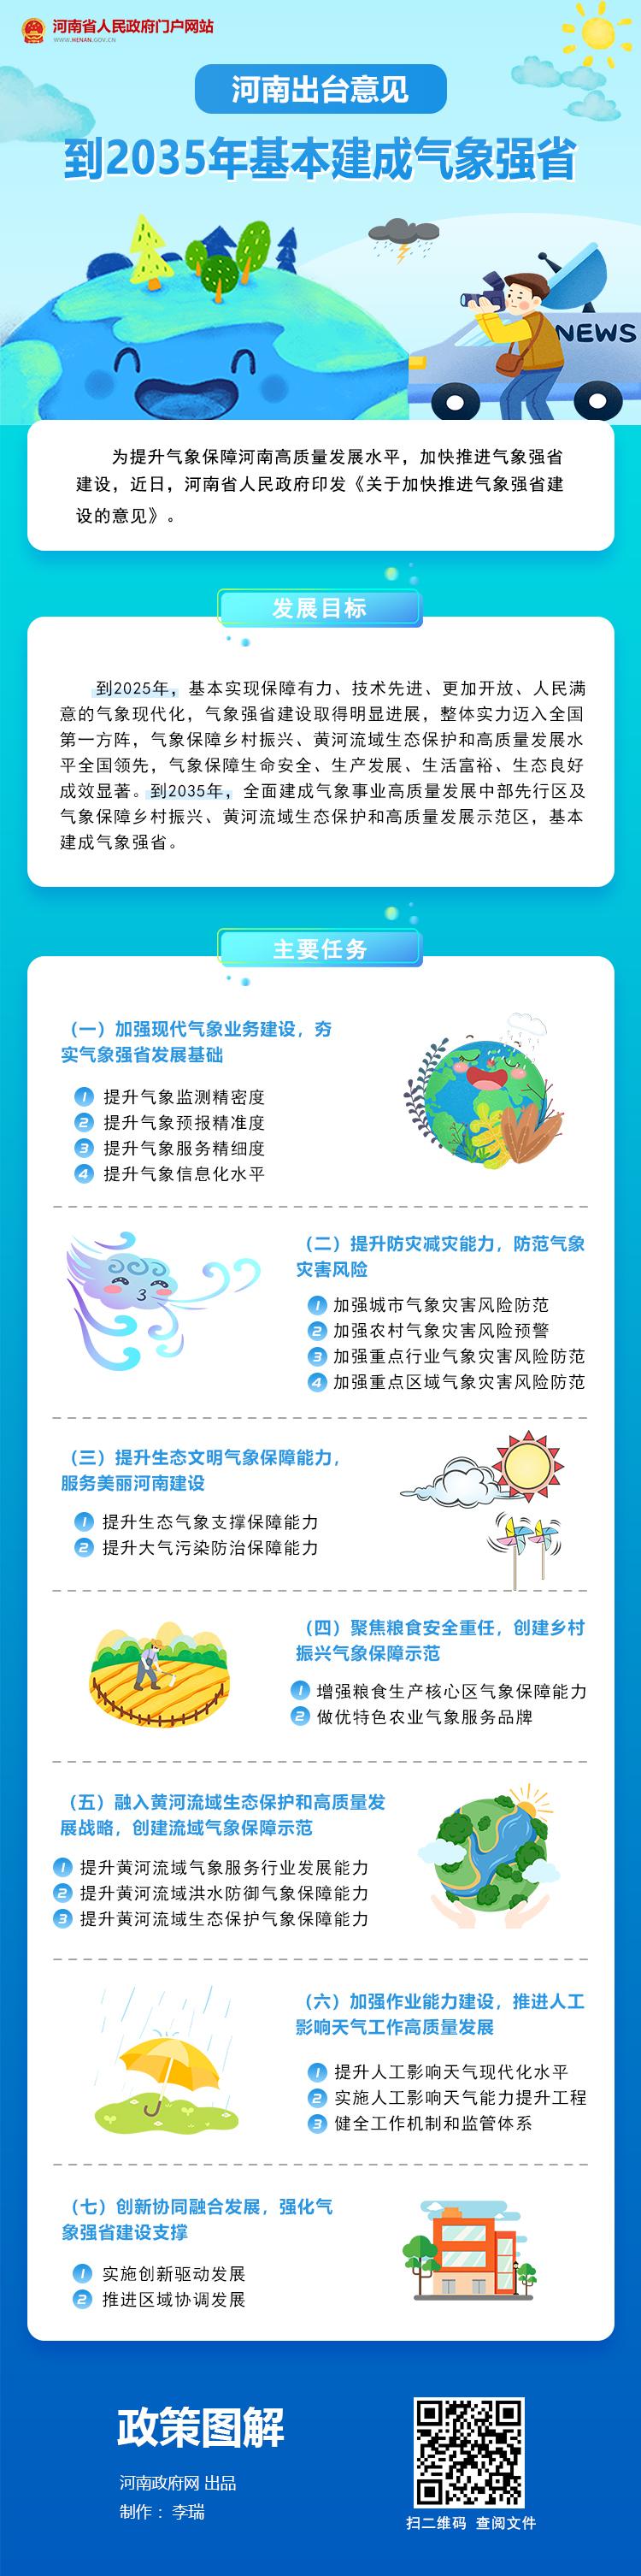 图解:河南出台意见 到2035年基本建成气象强省